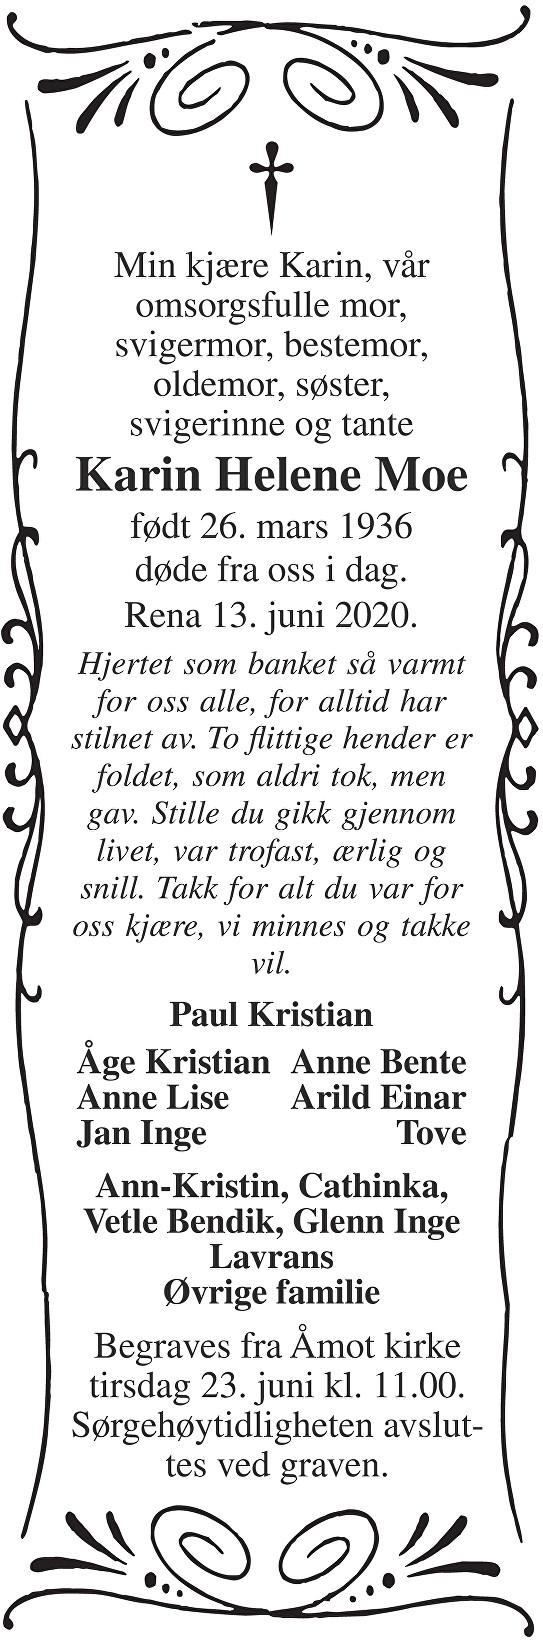 Karin Helene Moe Dødsannonse